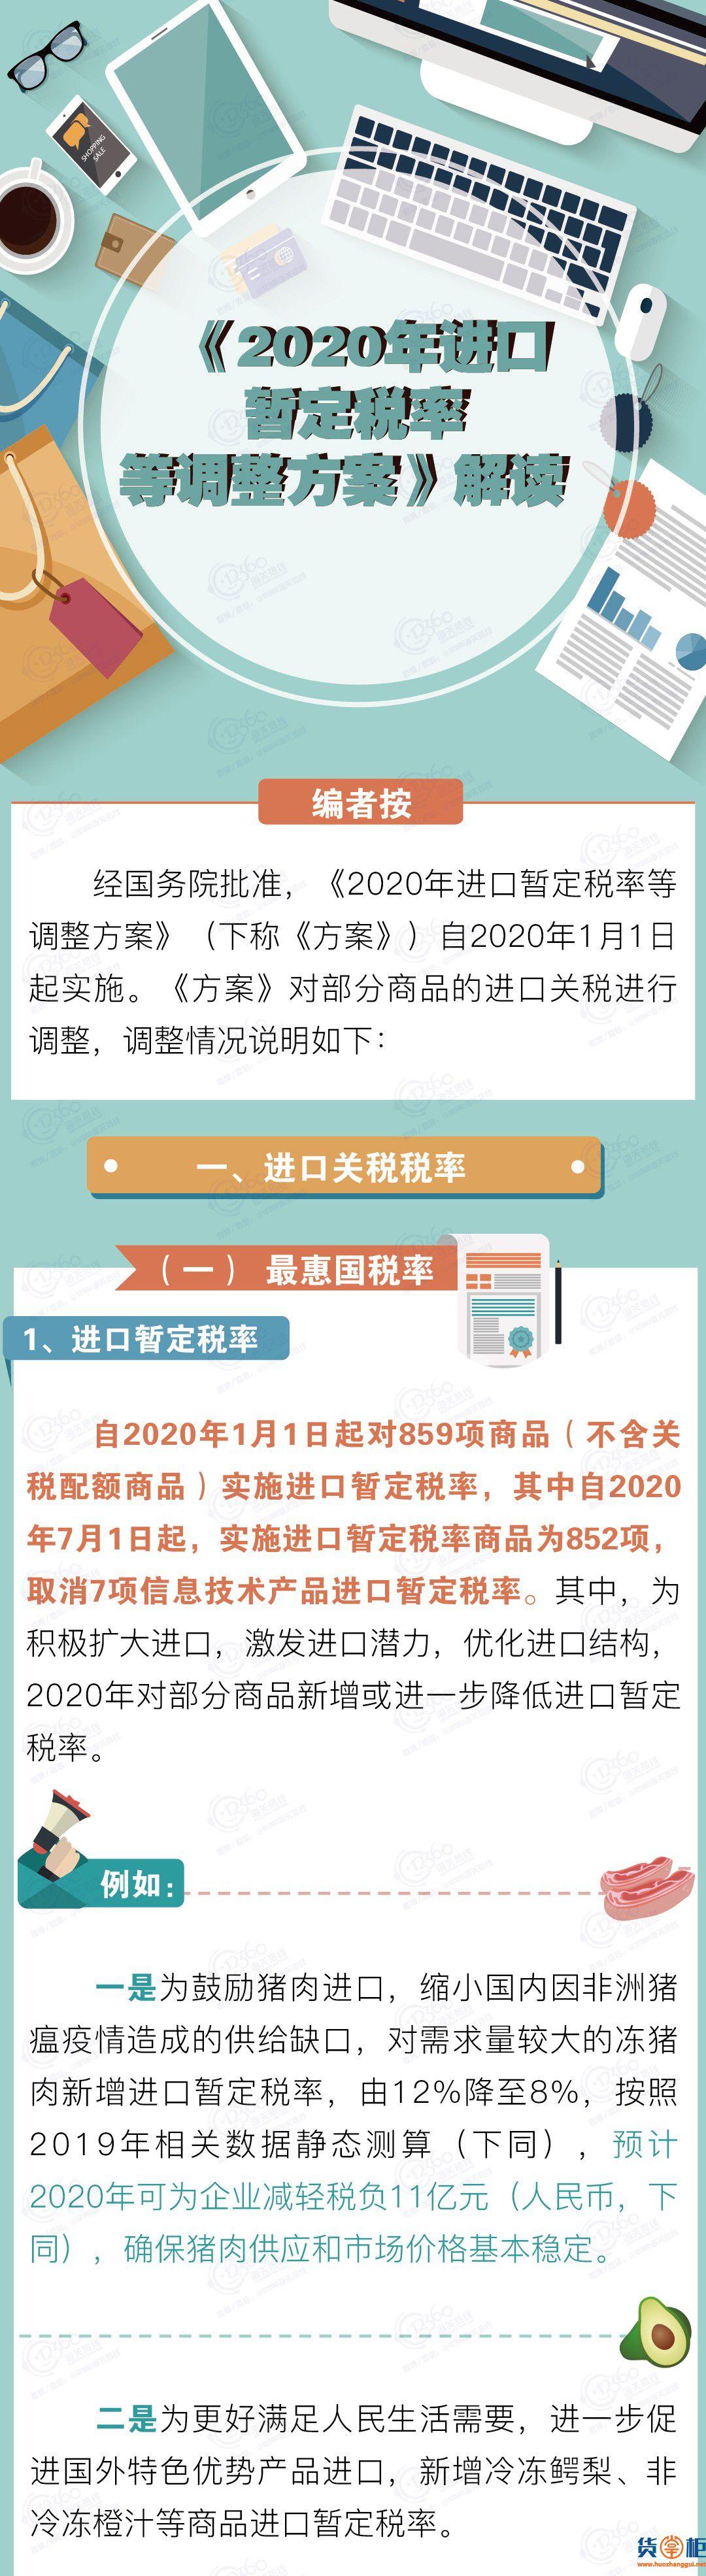 《2020年进口暂定税率等调整方案》解读